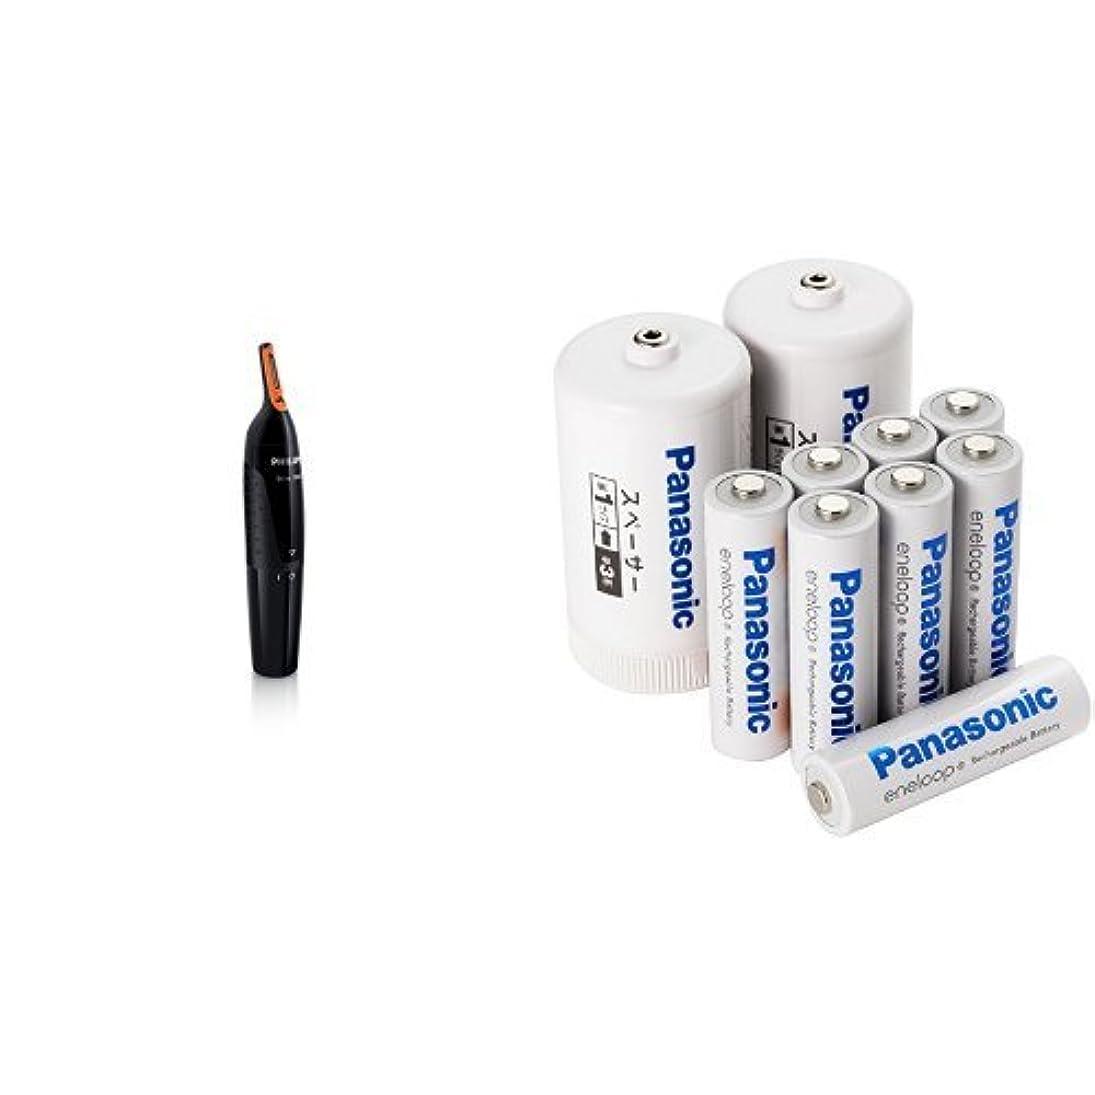 フィリップス 鼻毛/耳毛カッター 本体丸洗い可 NT1152/10 + eneloop 単3形充電池 8本パック BK-3MCC/8FA セット